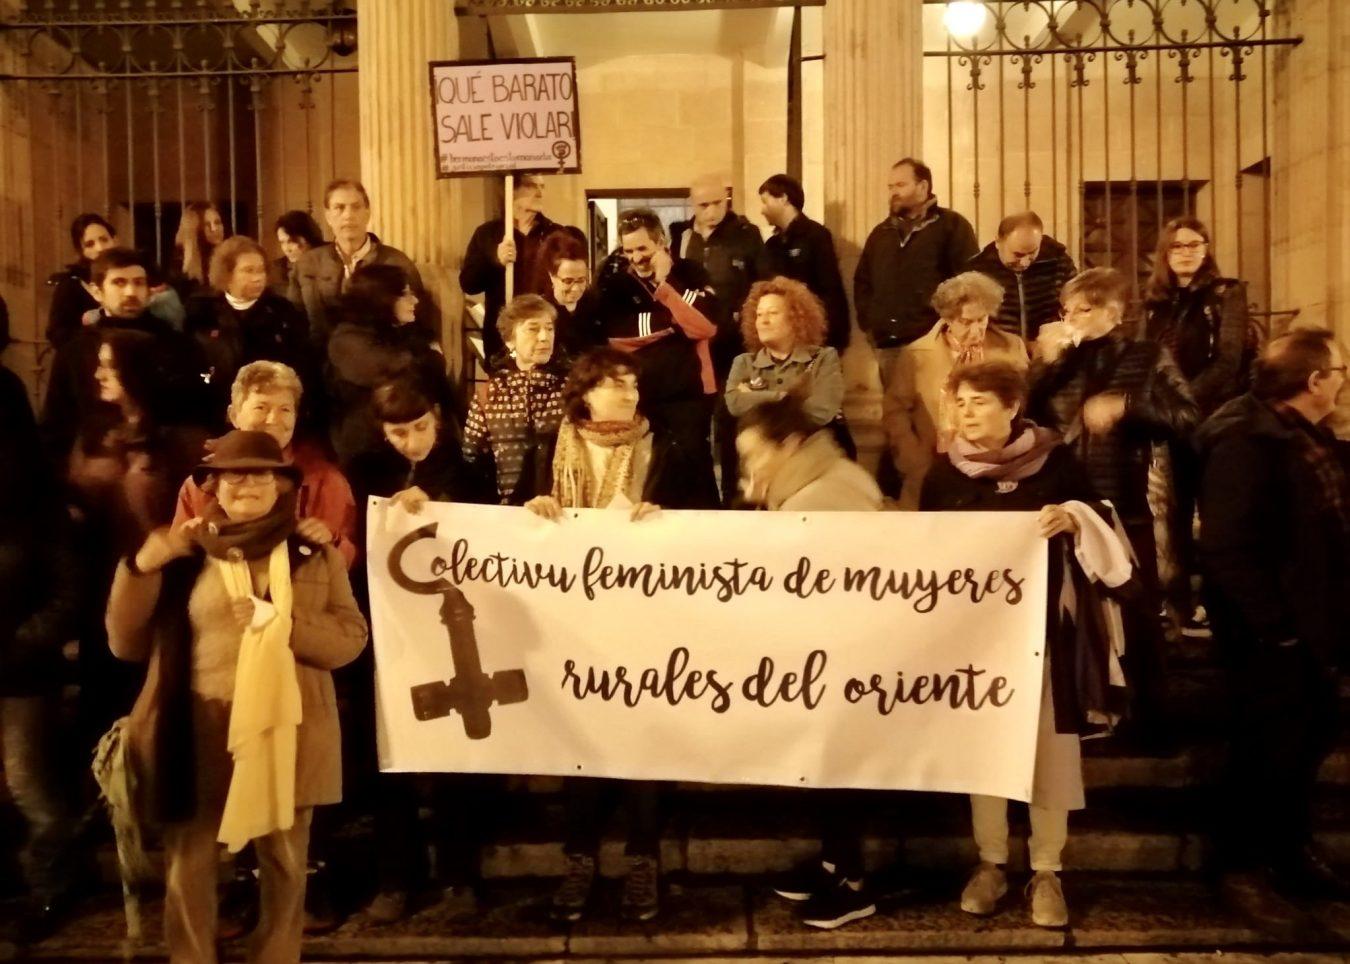 Concentración en Cangas de Onís contra la sentencia a la Manada de Manresa